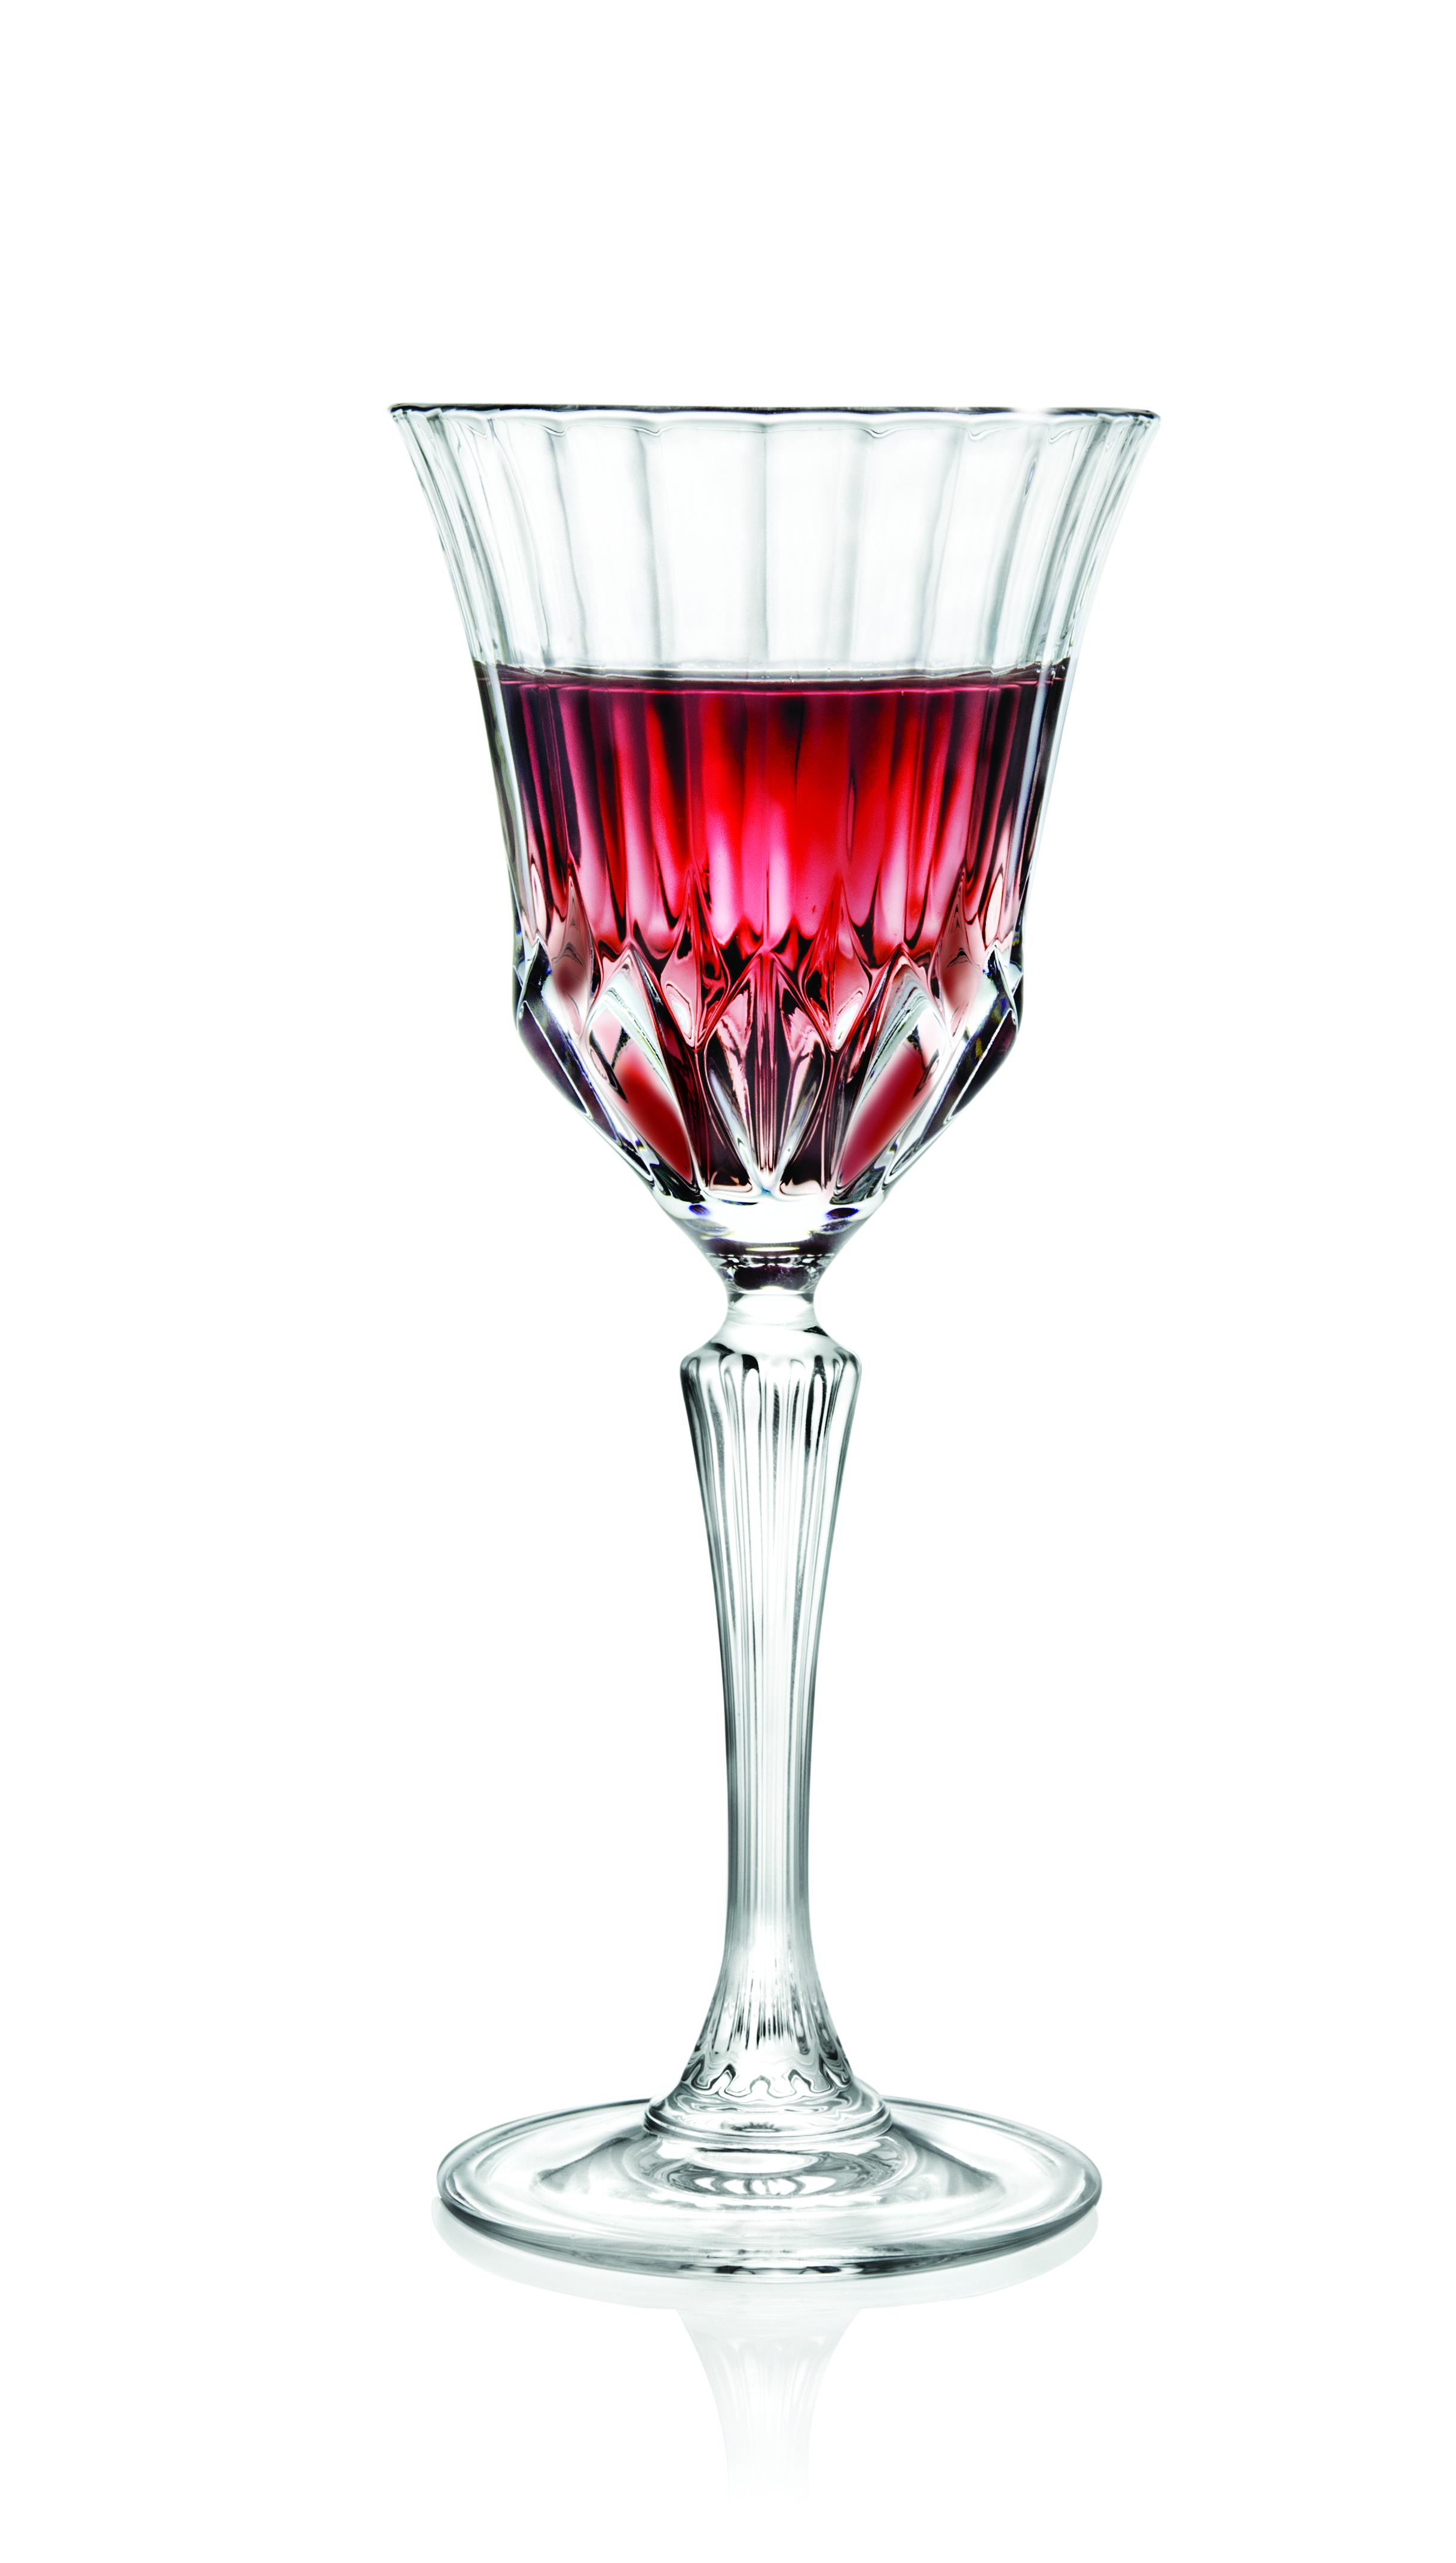 意大利RCR无铅水晶玻璃刻花葡萄酒杯